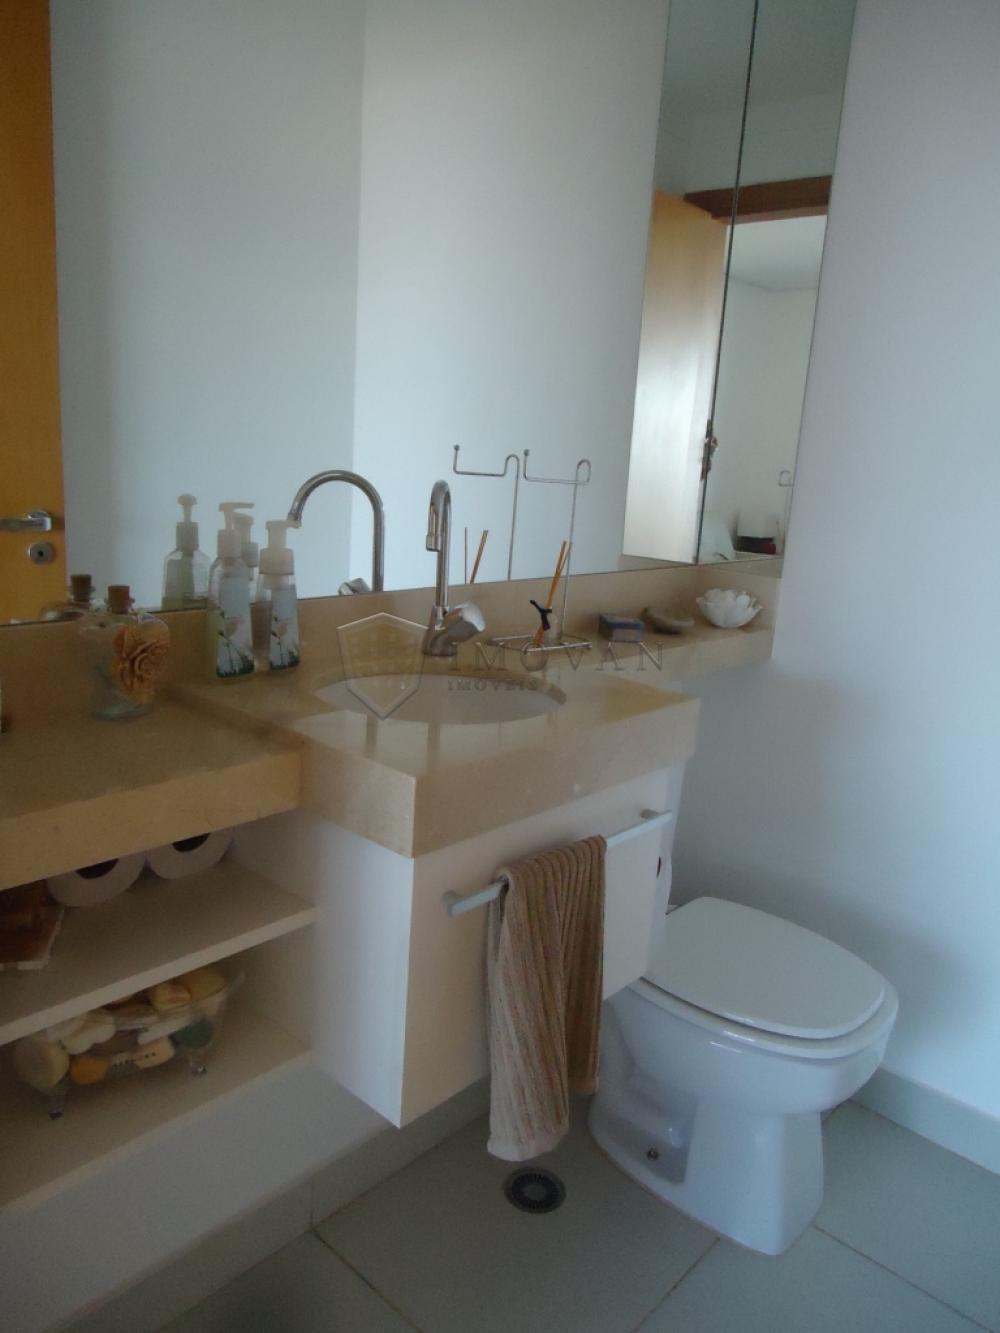 Comprar Apartamento / Padrão em Ribeirão Preto apenas R$ 1.060.000,00 - Foto 9